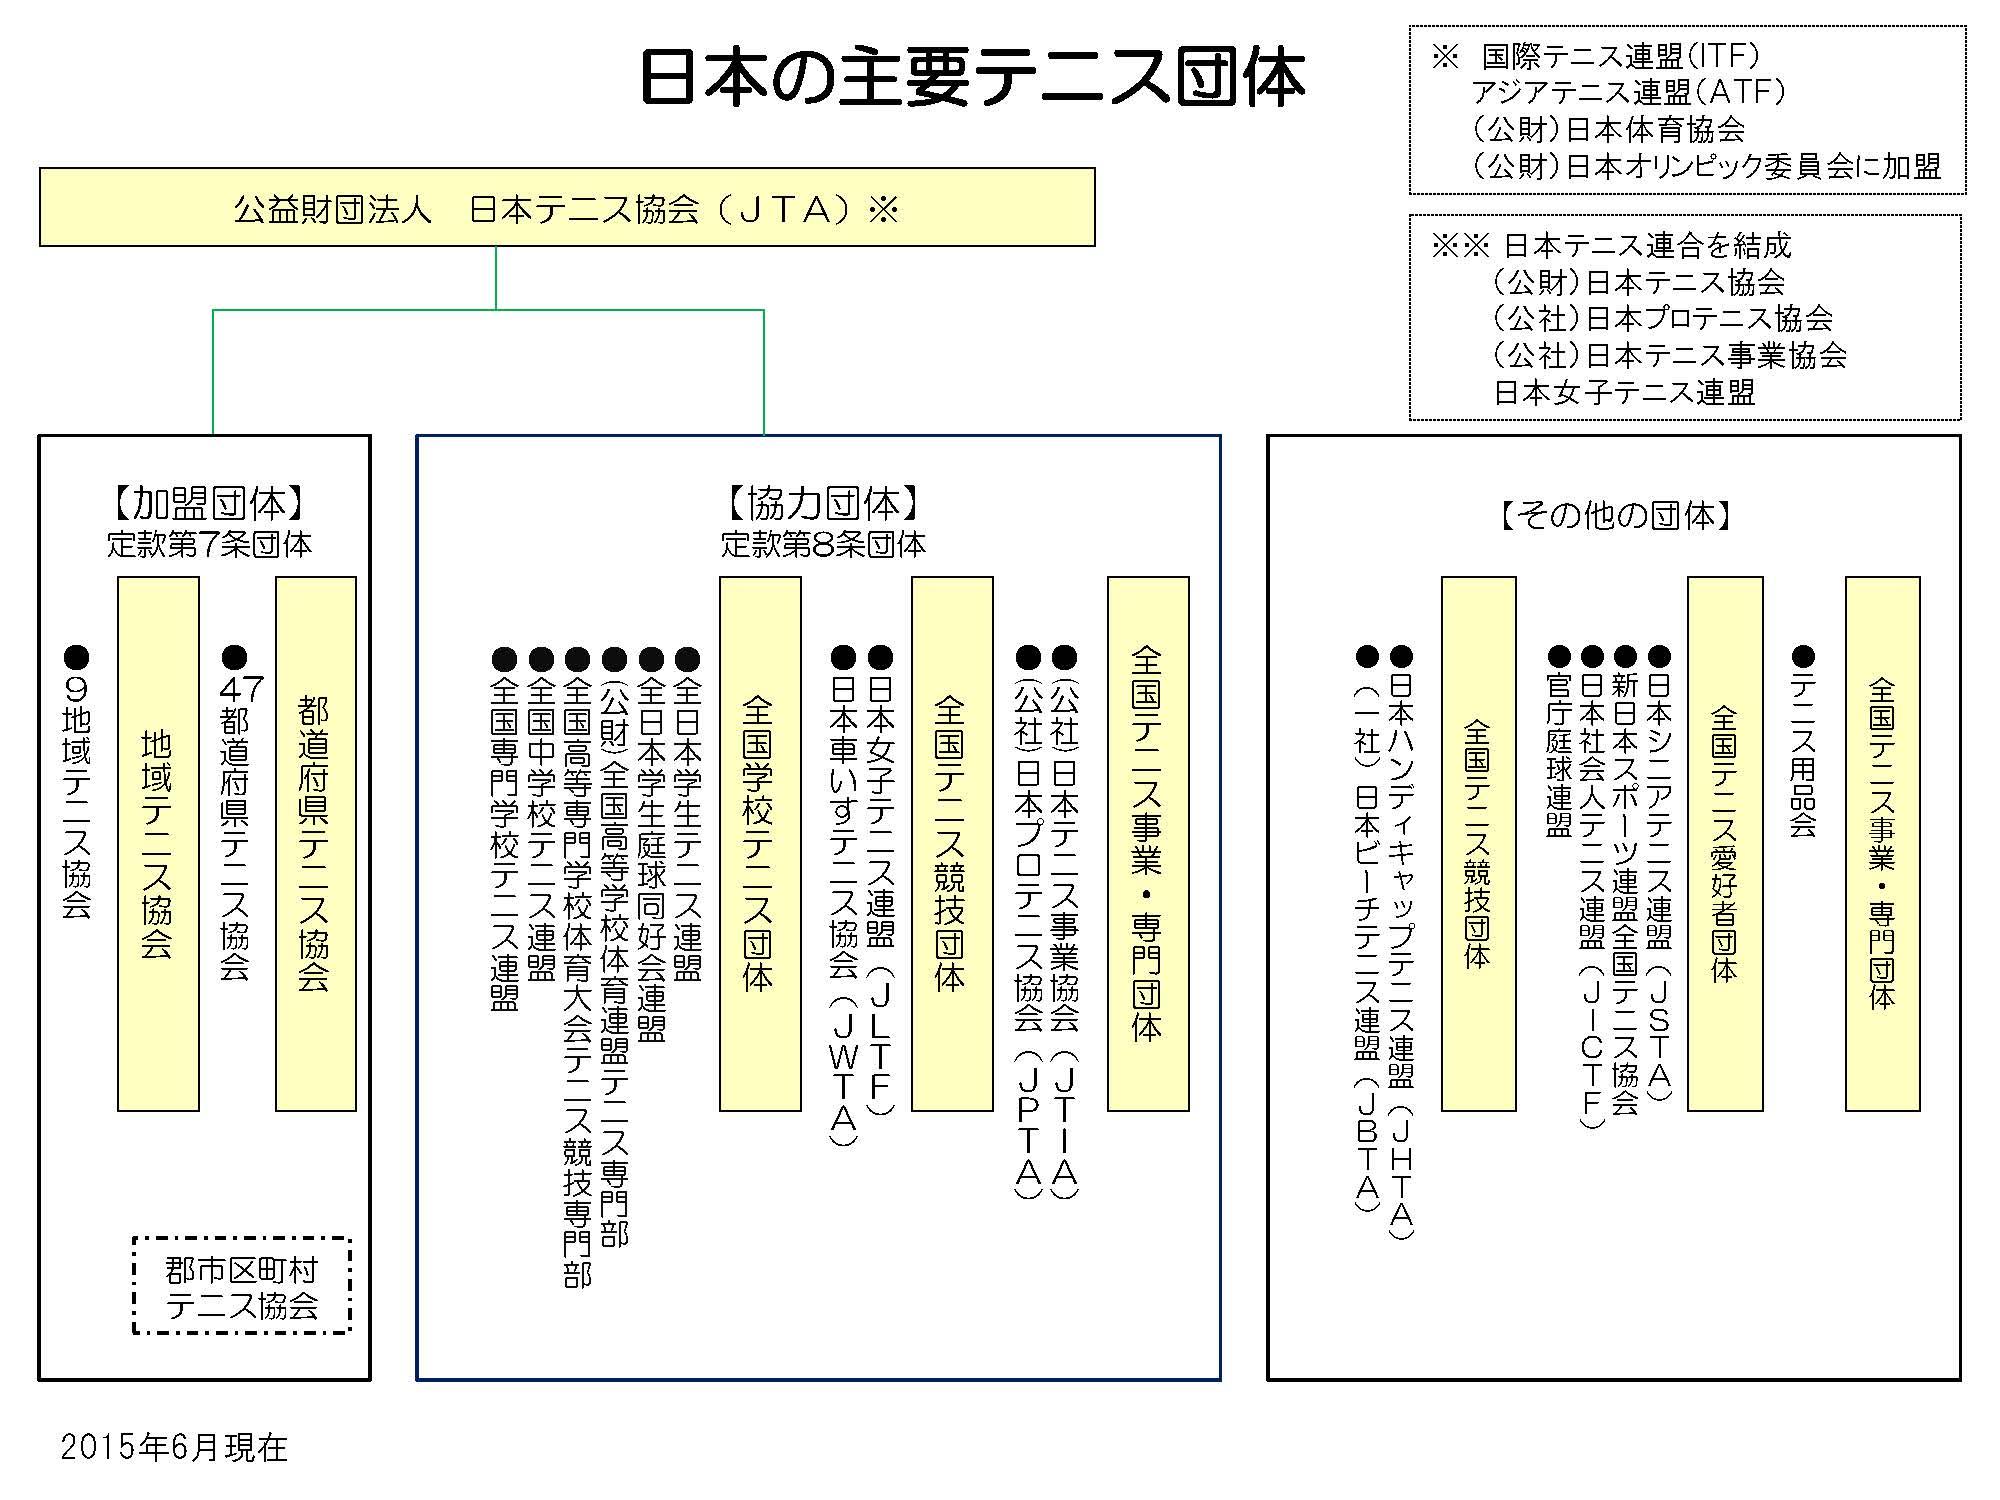 日本の主要テニス団体